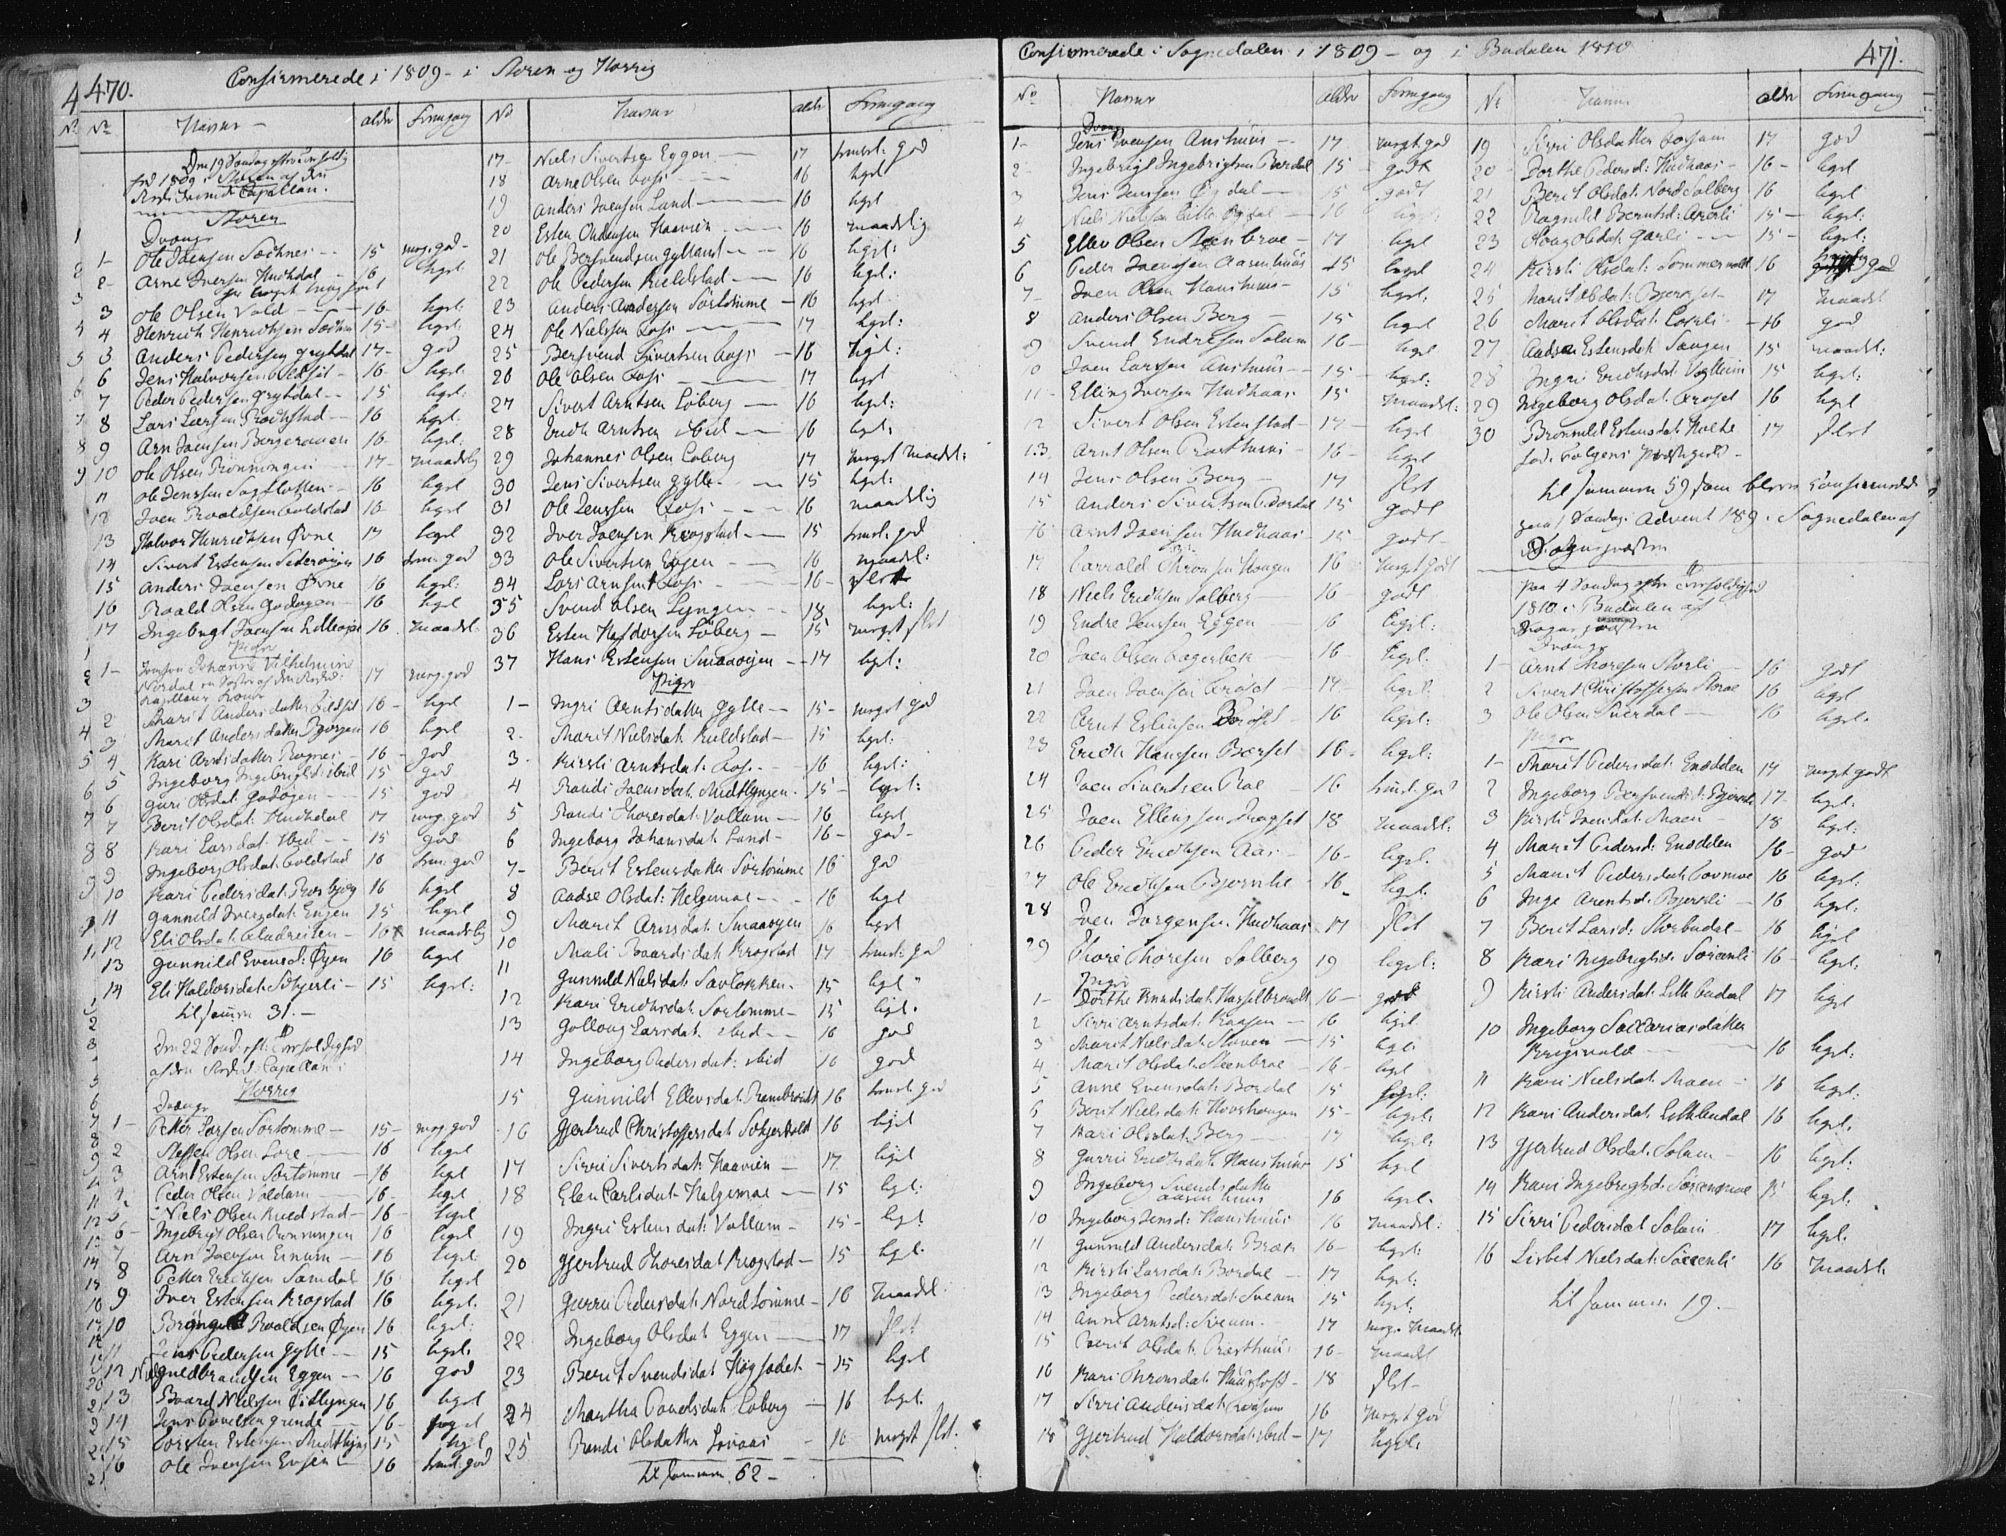 SAT, Ministerialprotokoller, klokkerbøker og fødselsregistre - Sør-Trøndelag, 687/L0992: Ministerialbok nr. 687A03 /1, 1788-1815, s. 470-471